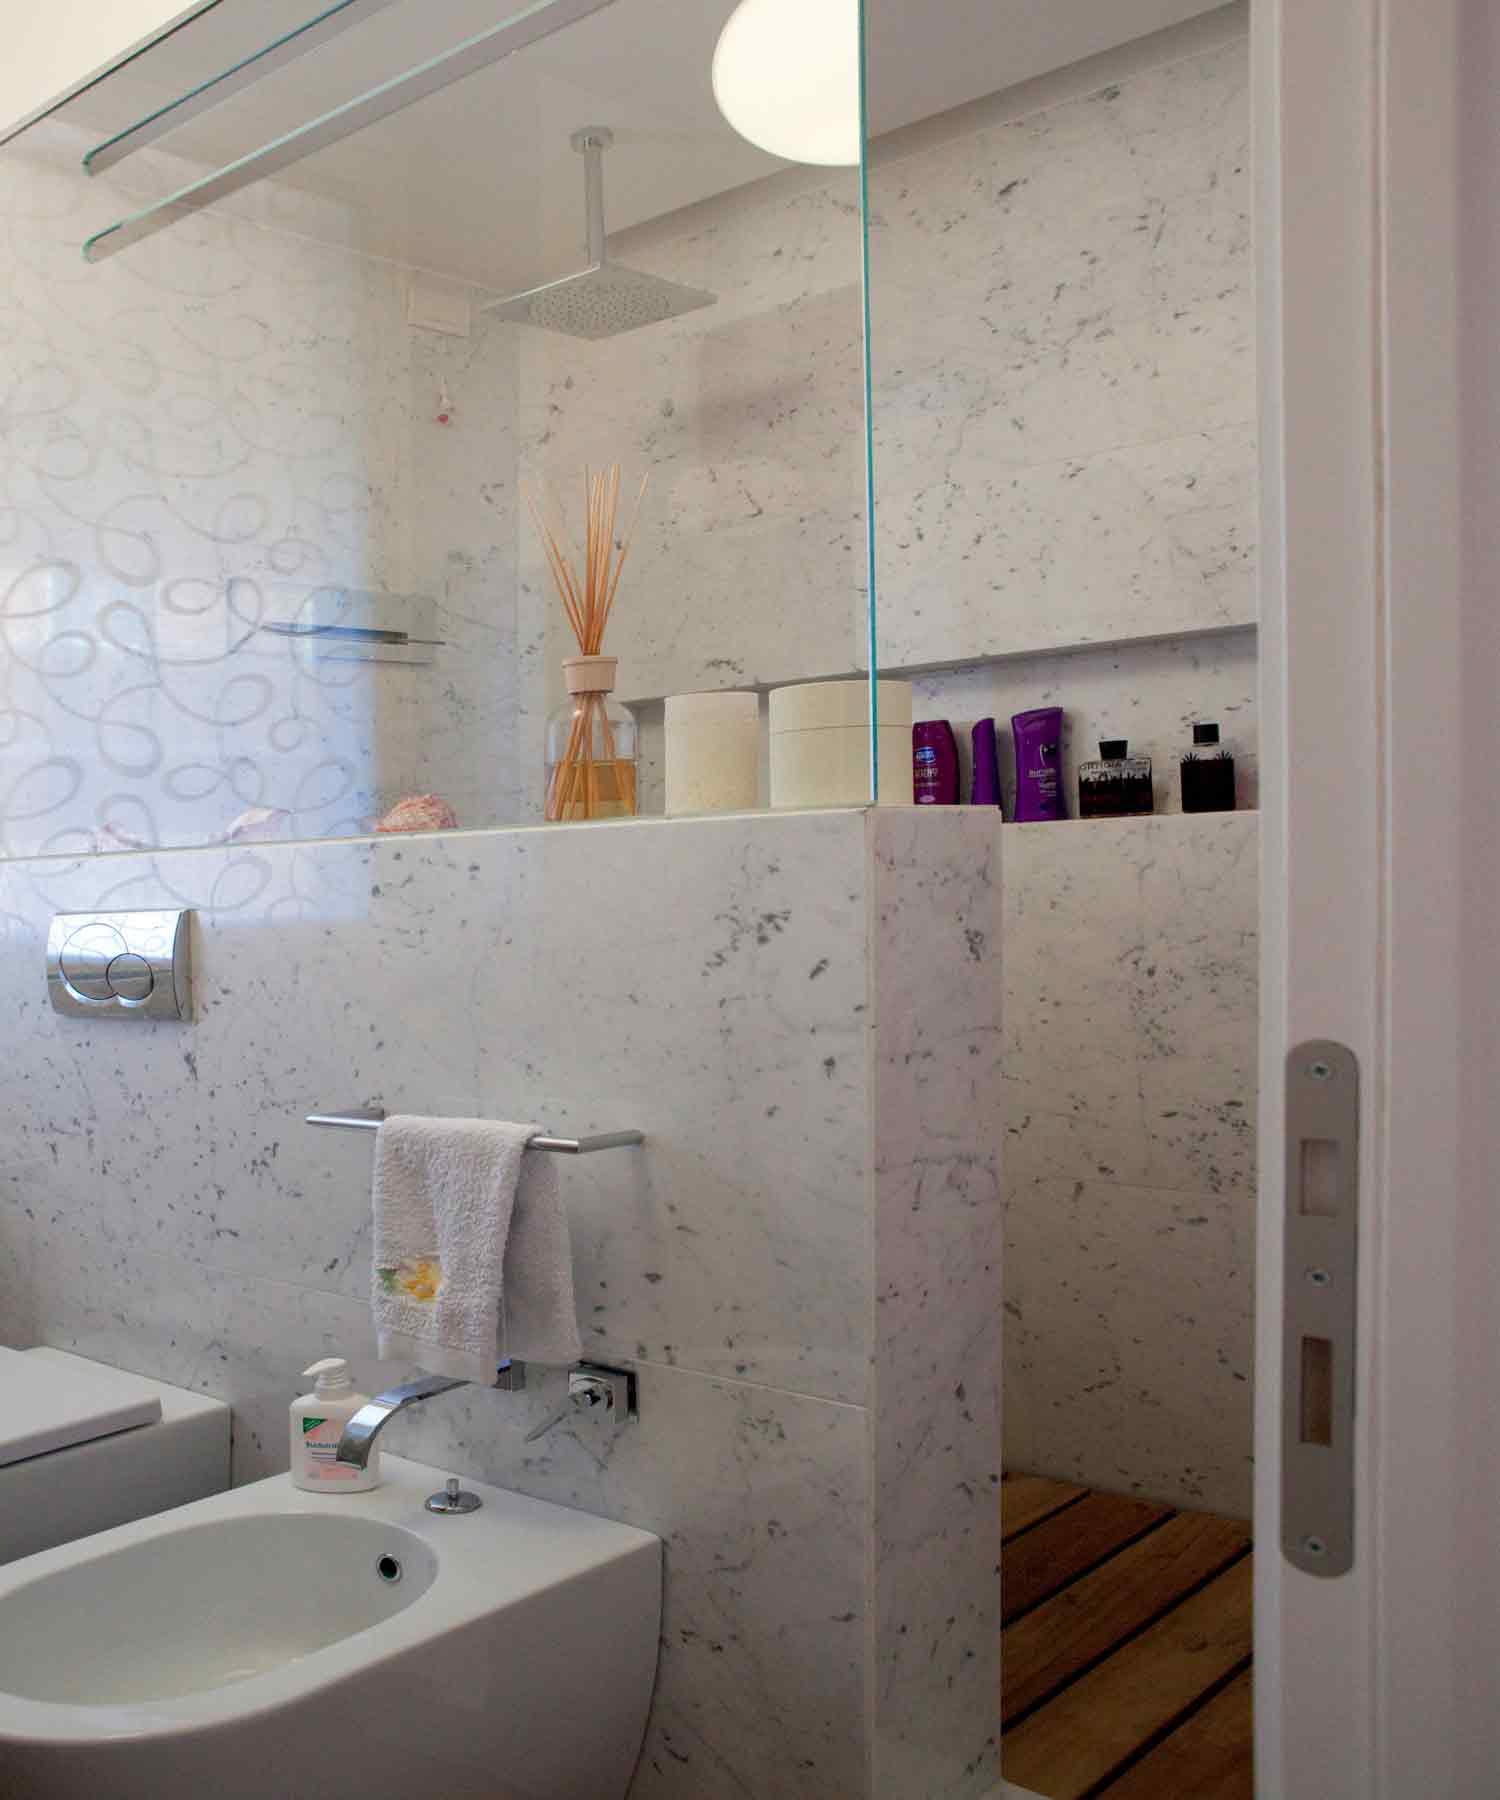 Nicchie bagno cbox white nicchia mensola bagno in acciaio for Nicchie nelle pareti